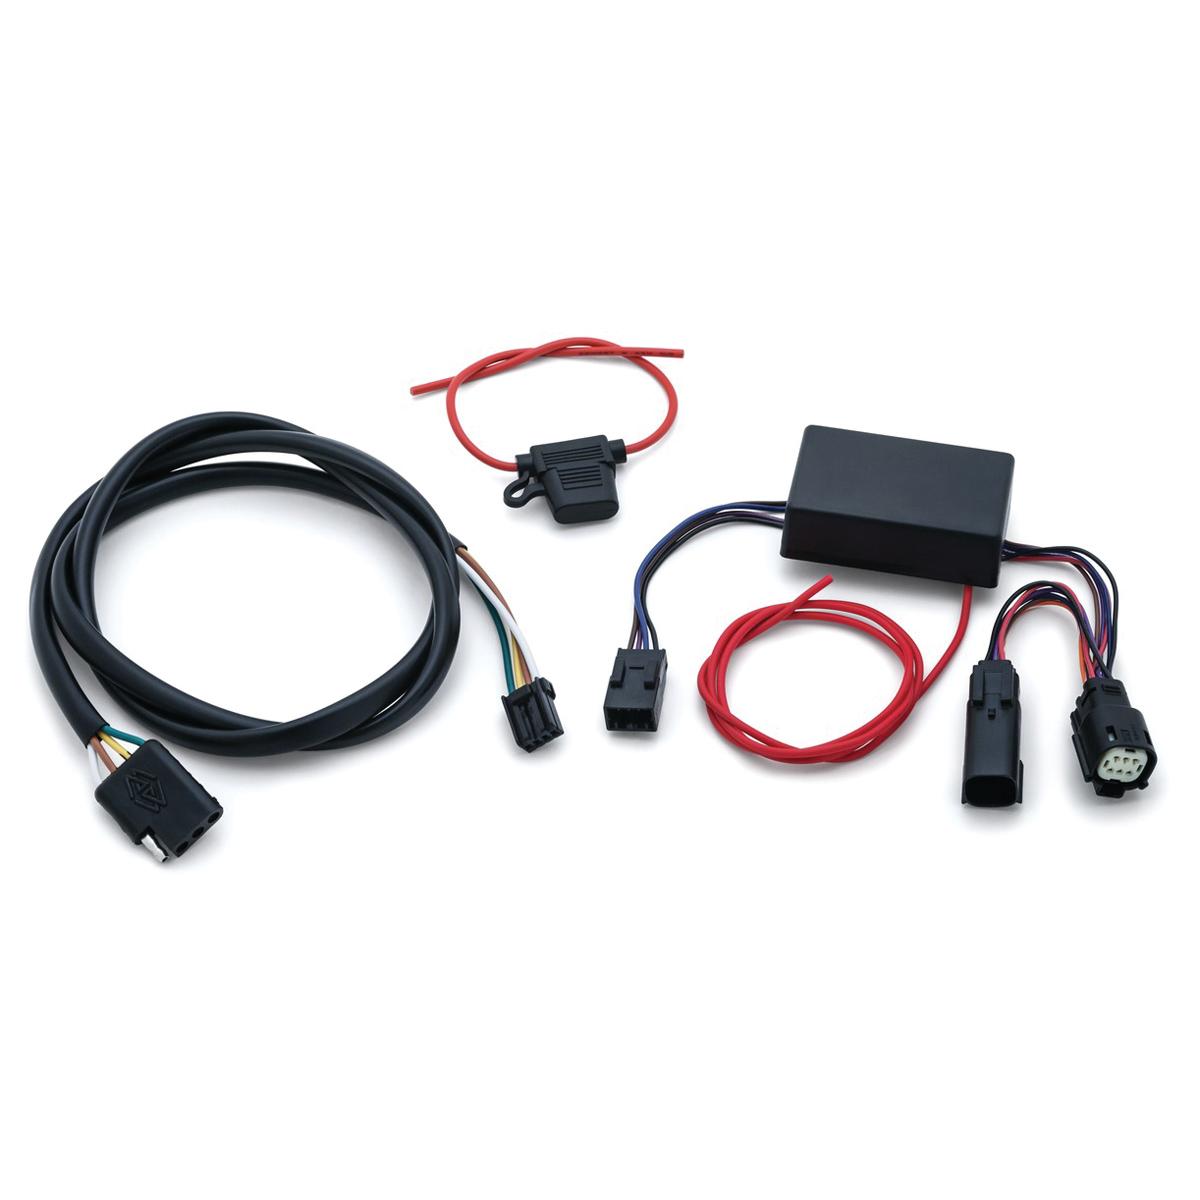 Kuryakyn 4-Wire Trailer Hitch Wiring Kit - 2596 on